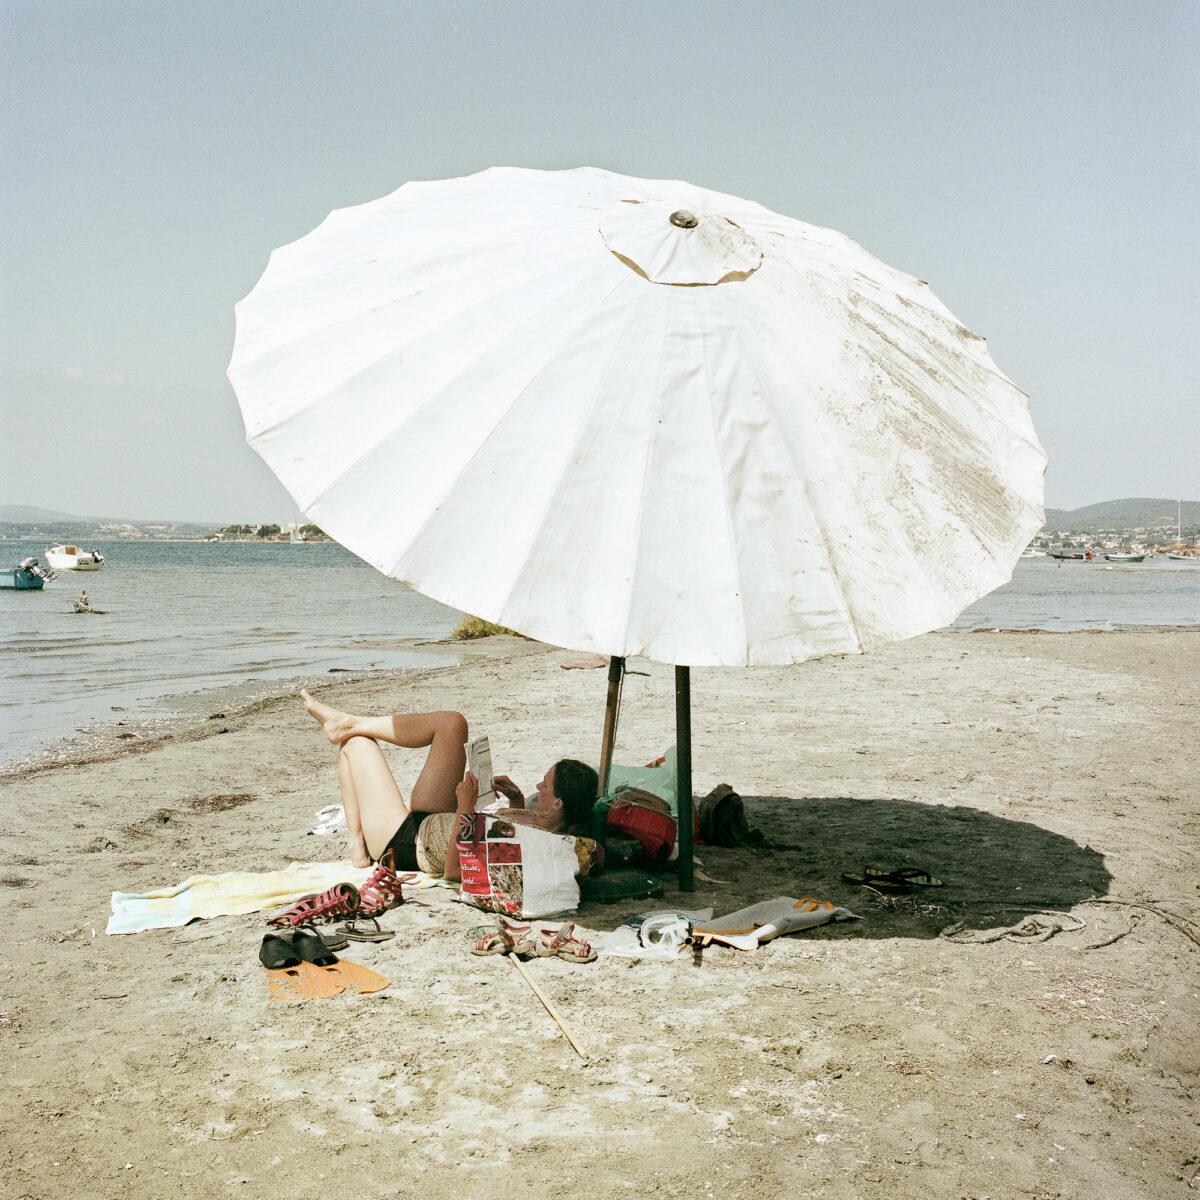 """Photo extraite de la série """"PS: Je t'écris de la plage des Mouettes"""" / © Sandra Mehl"""